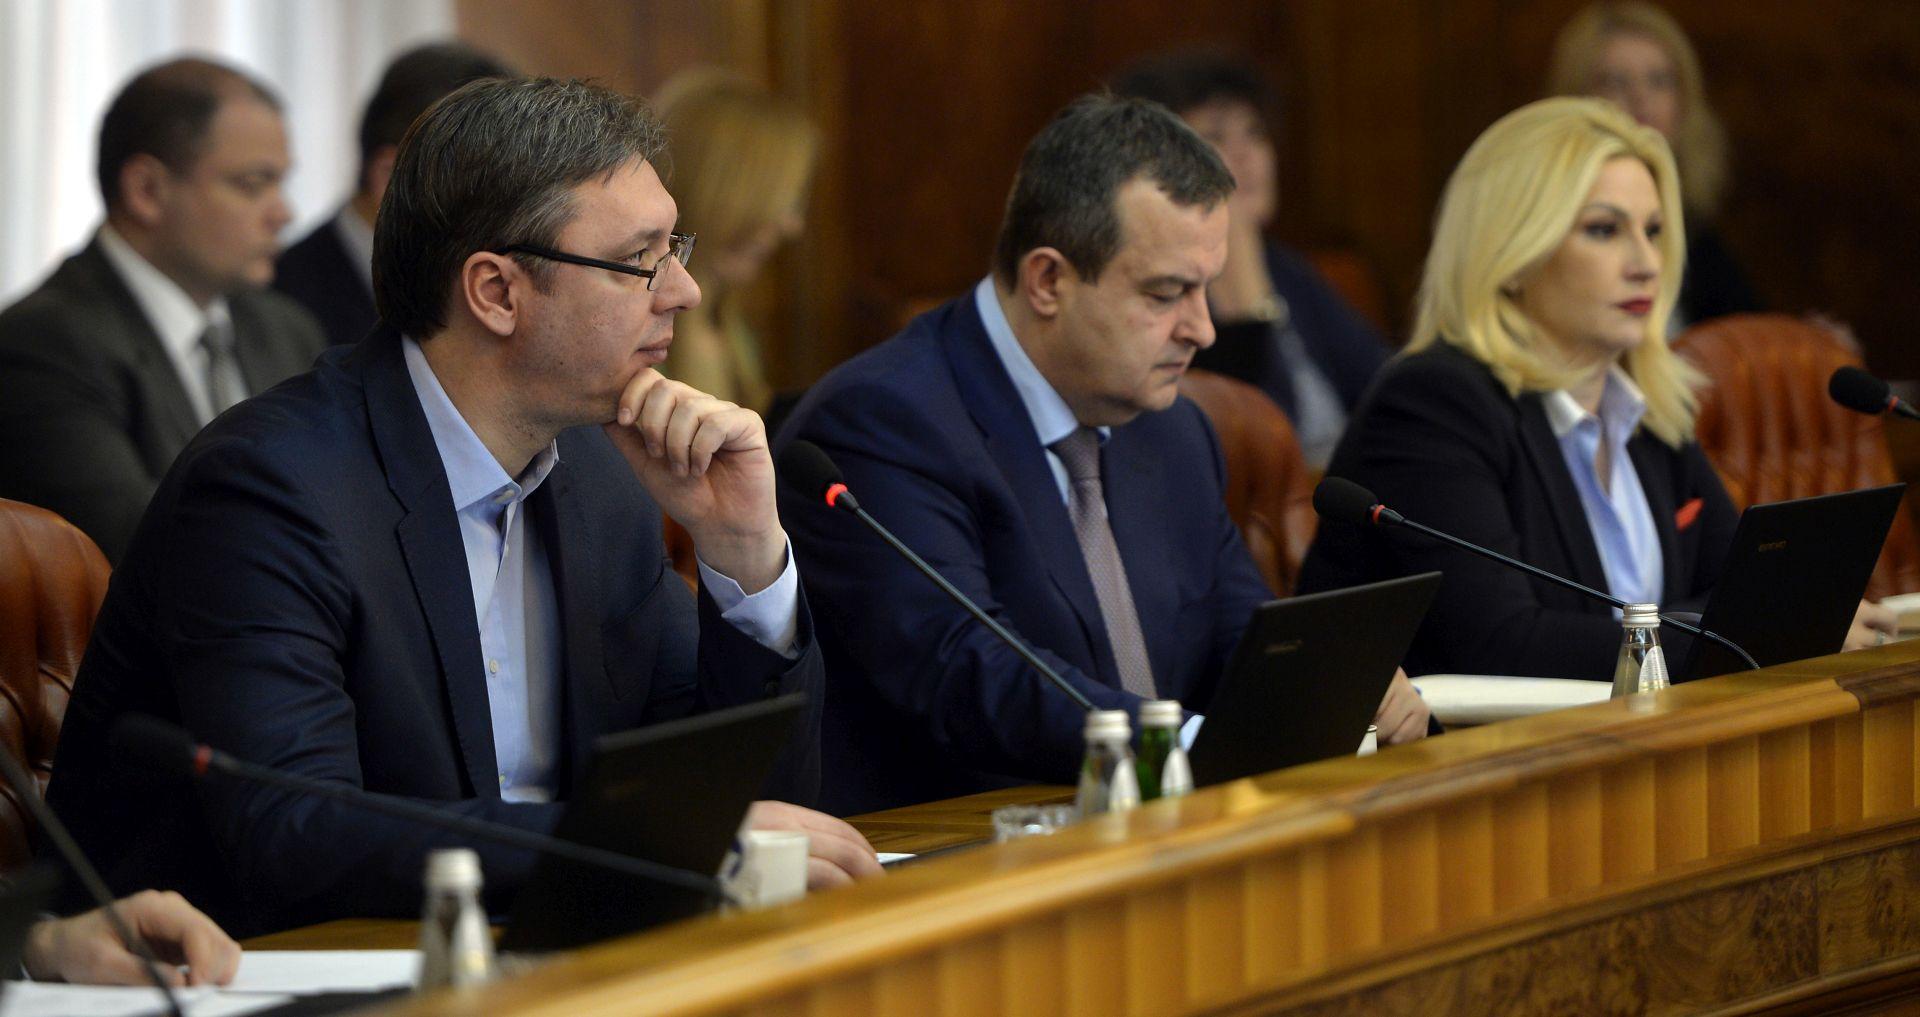 Beogradski mediji, dužnosnici i analitičari o blokadi otvaranja poglavlja 23